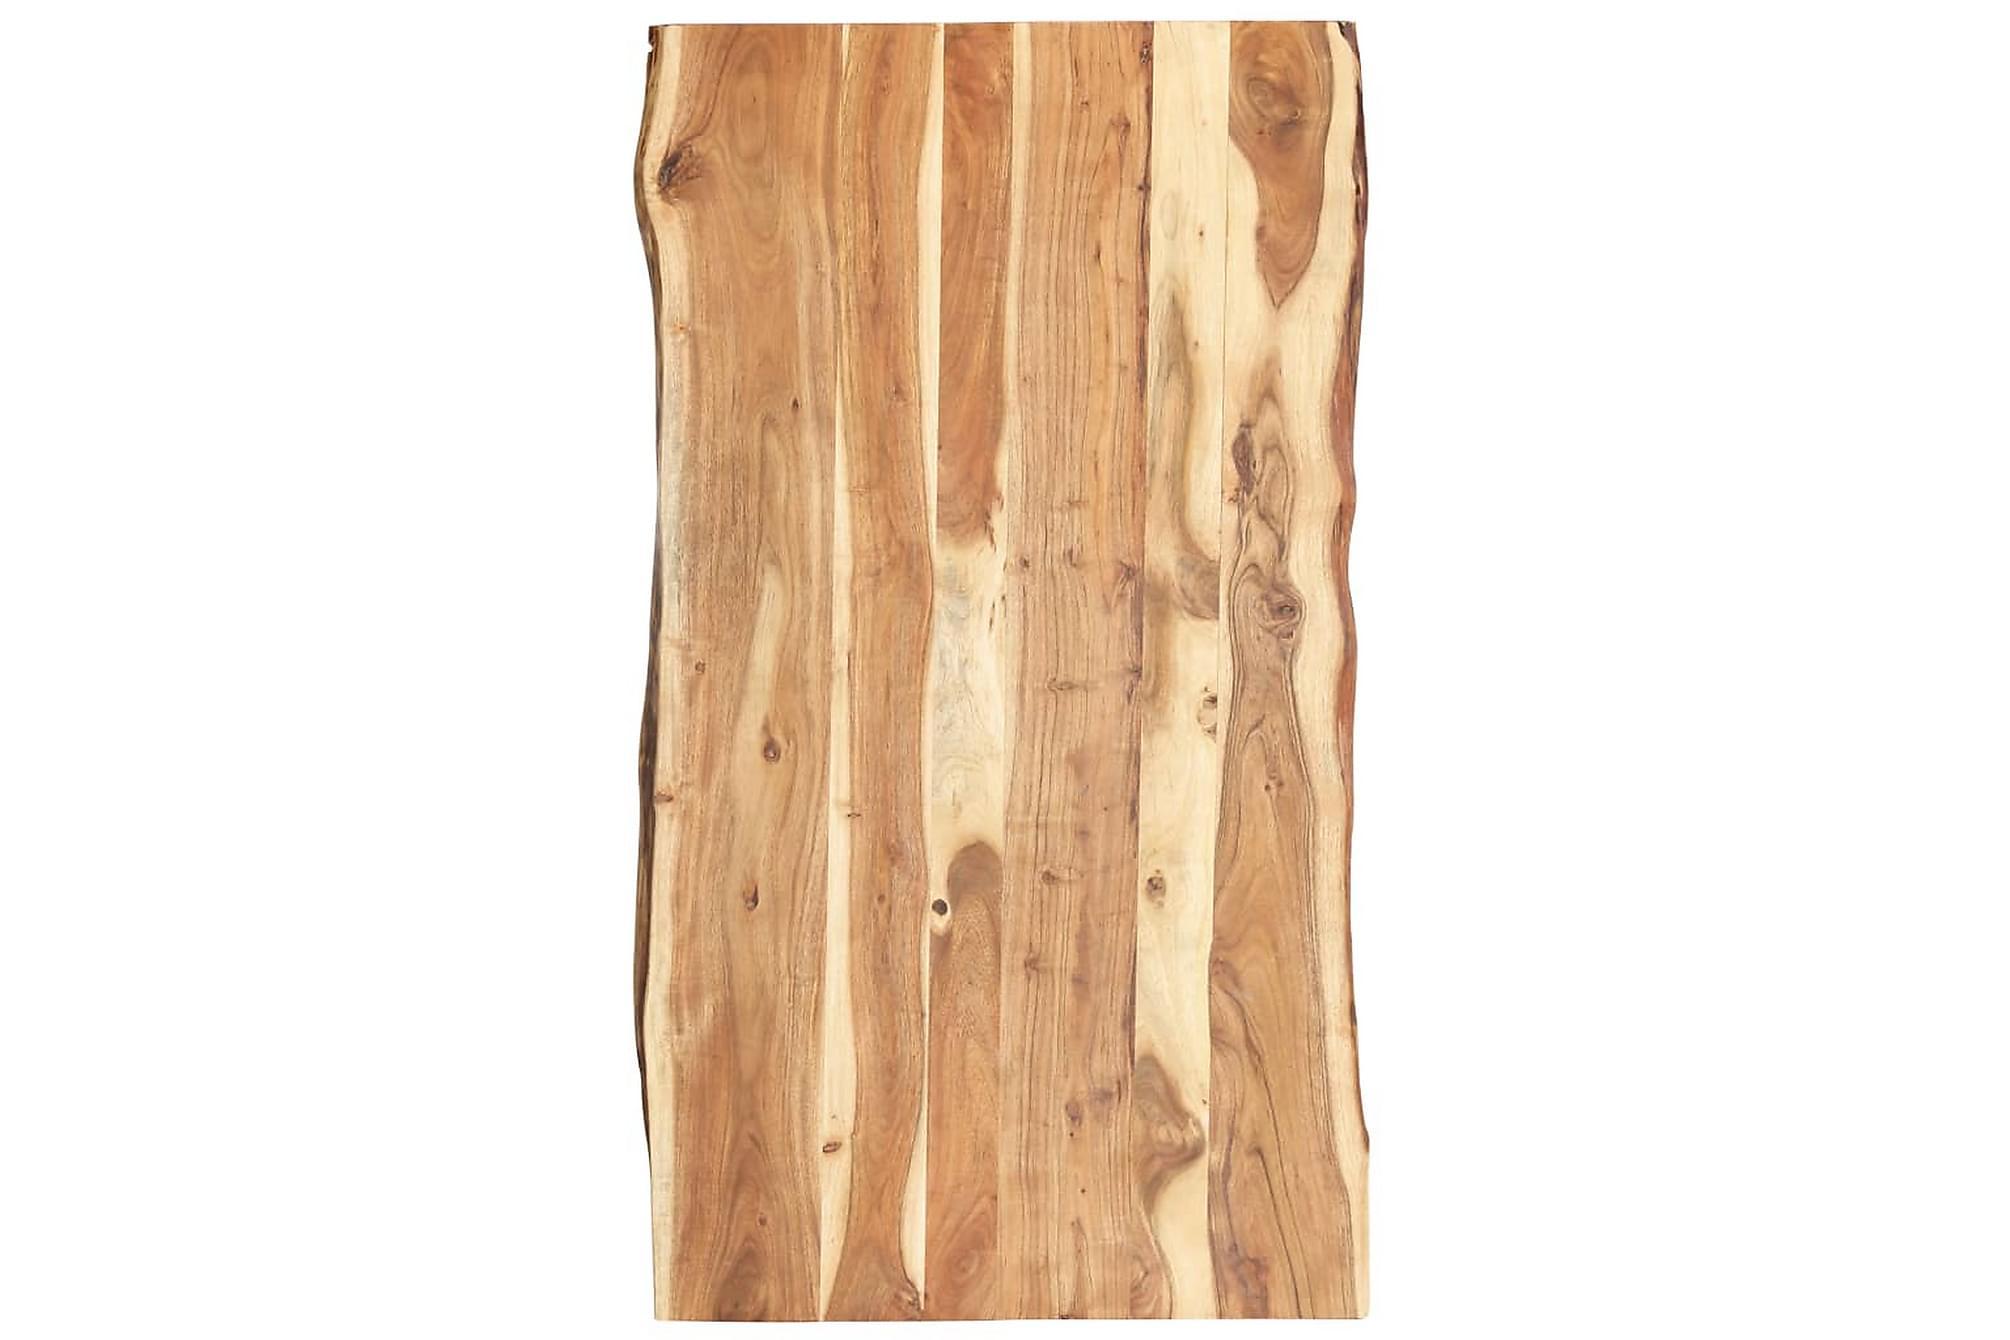 Bordsskiva massivt akaciaträ 120x60x3,8 cm, Bordsben & tillbehör